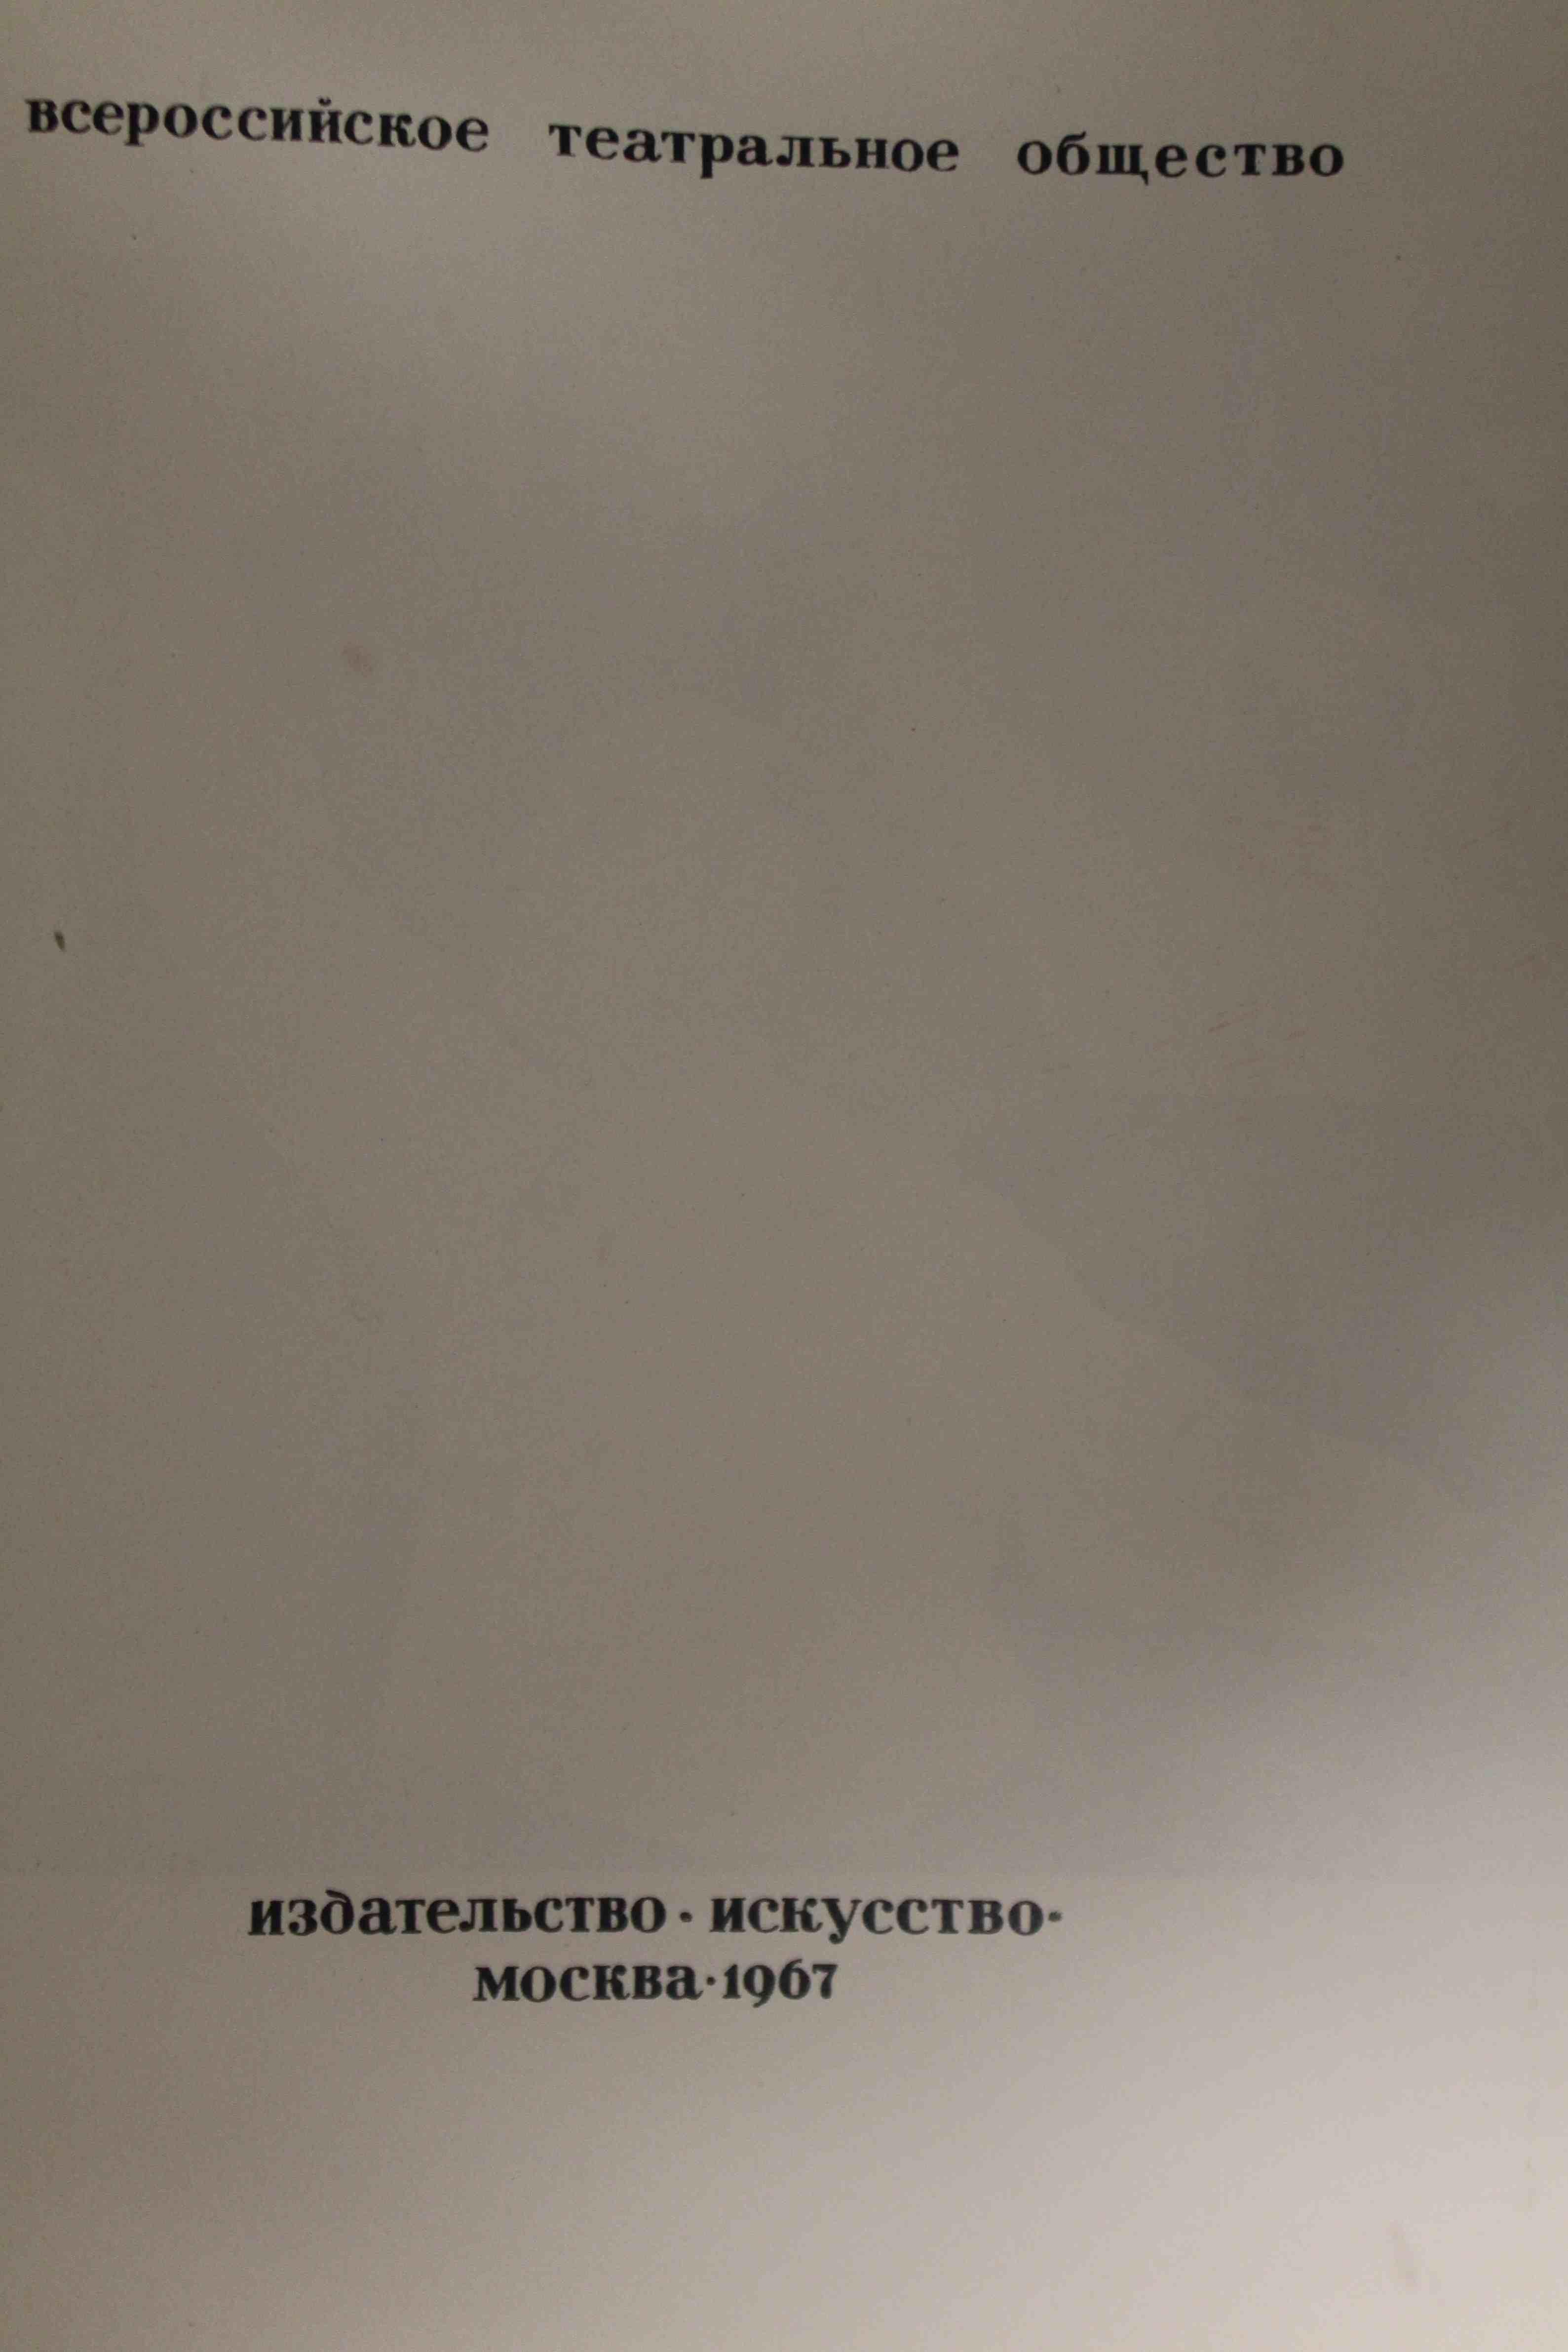 Lezioni di Danza Classica (1967) - A. M. Messerer - Уроки классического танца - (1967) - A. M. Мессере́р